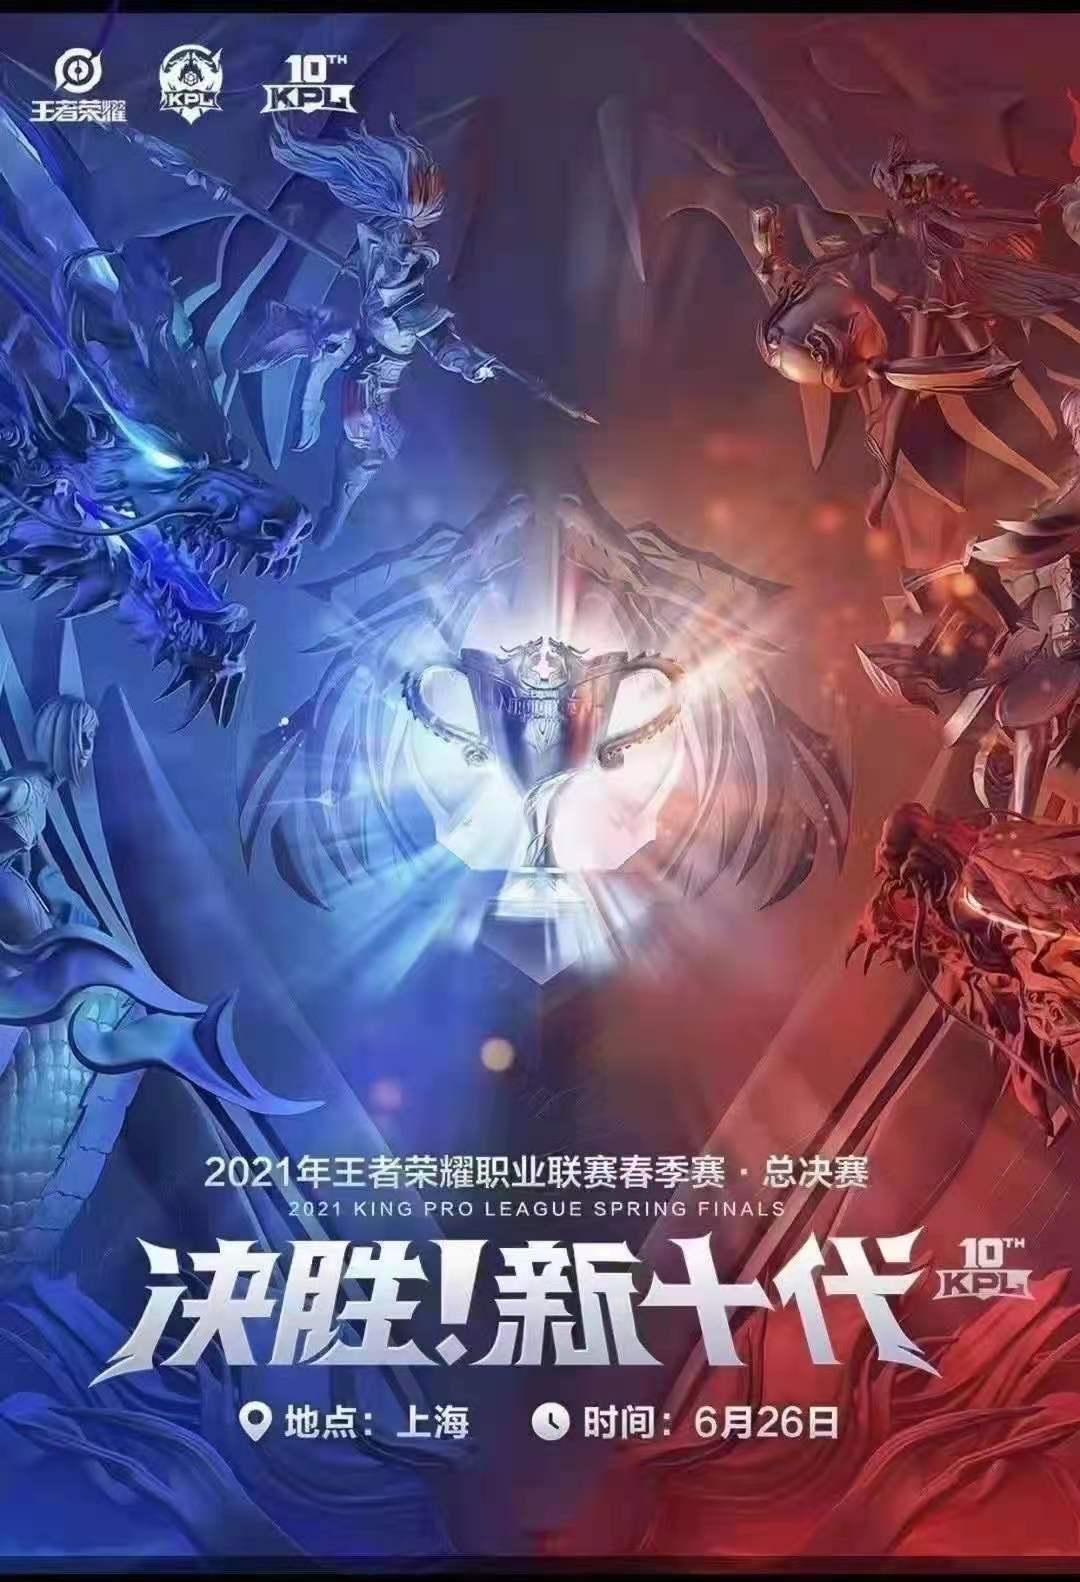 2021王者荣耀职业联赛春季赛总决赛-上海站